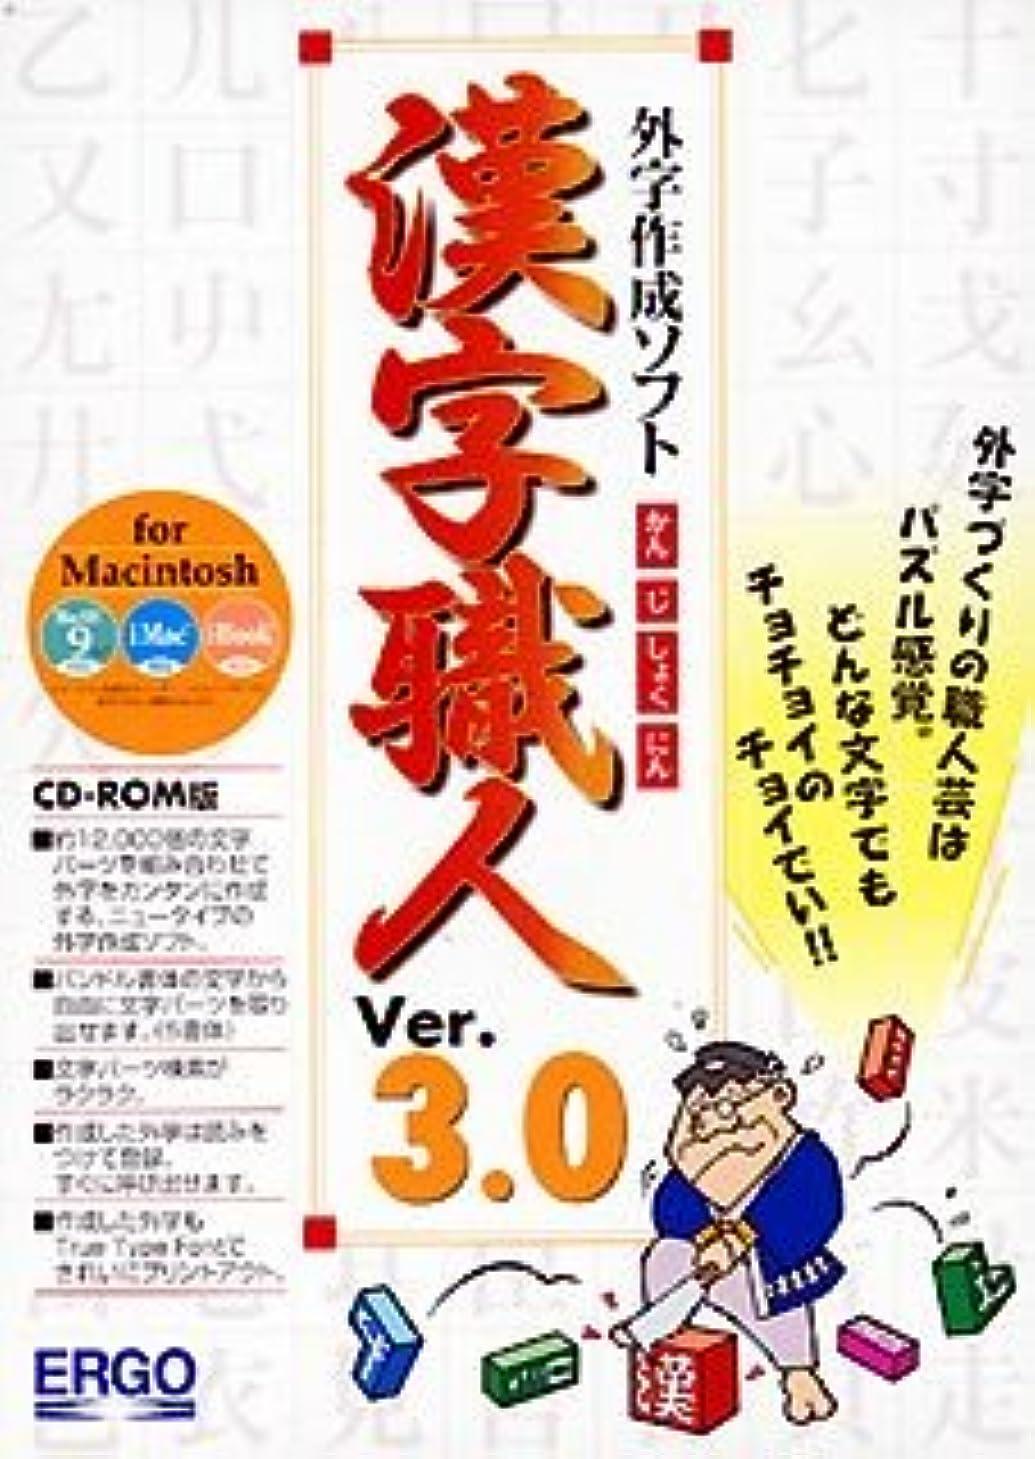 醜いめるプラス漢字職人 Ver.3.0 for Macintosh